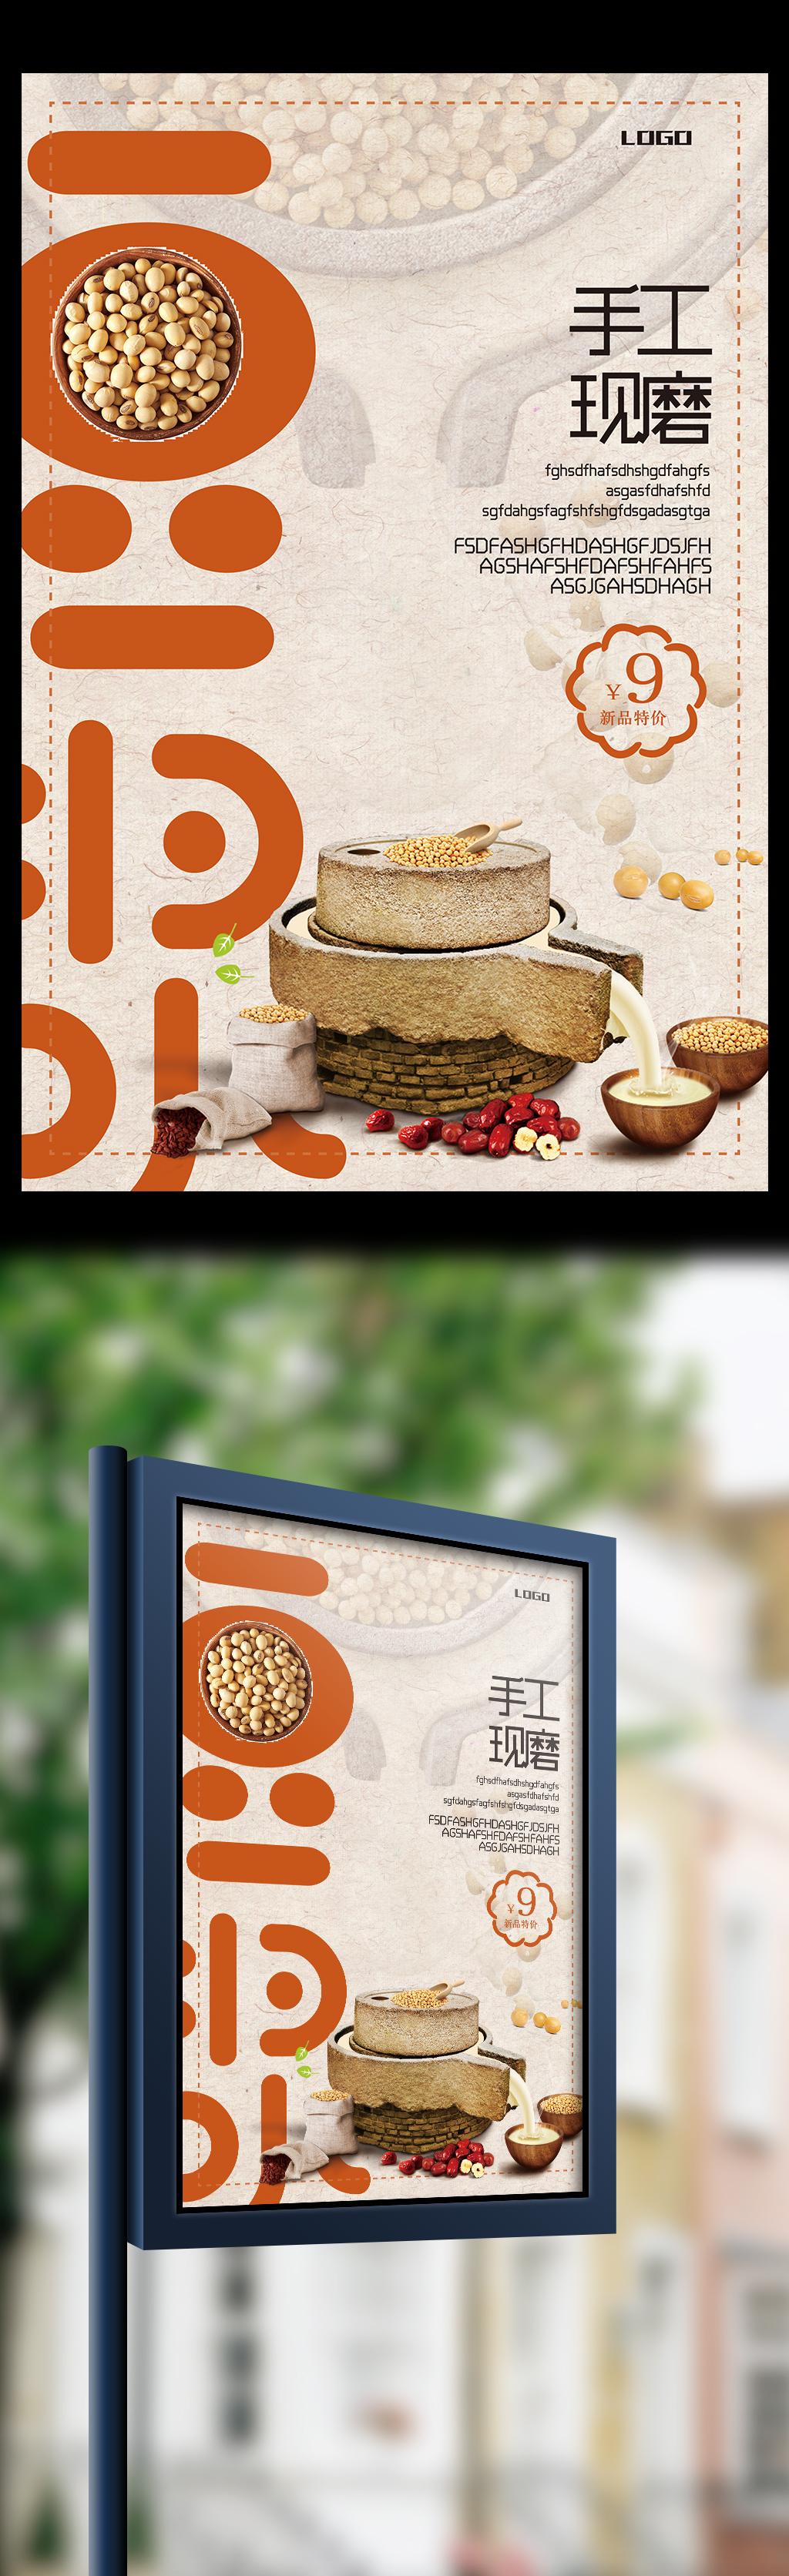 手工现磨豆浆促销海报设计